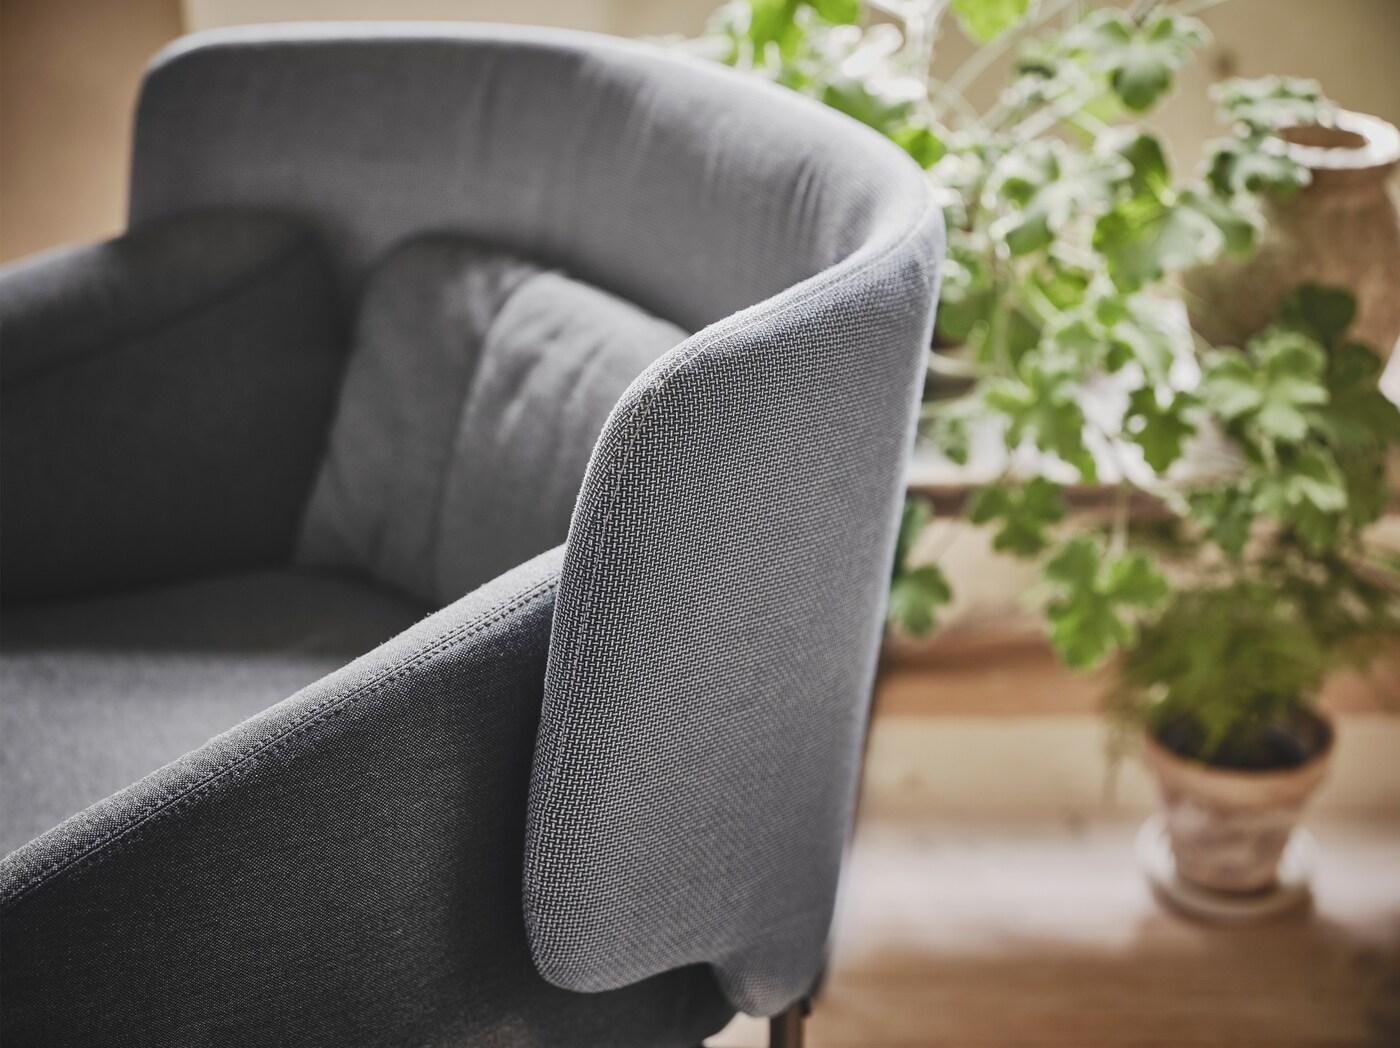 Yksinkertaiset mustat jalat ja istuinosa, käsinojien ja selkänojan pyöristetyt muodot. IKEA BINGSTA lepotuoli on varma katseenvangitsija. Lepotuoli sopii myös yrityksiin.